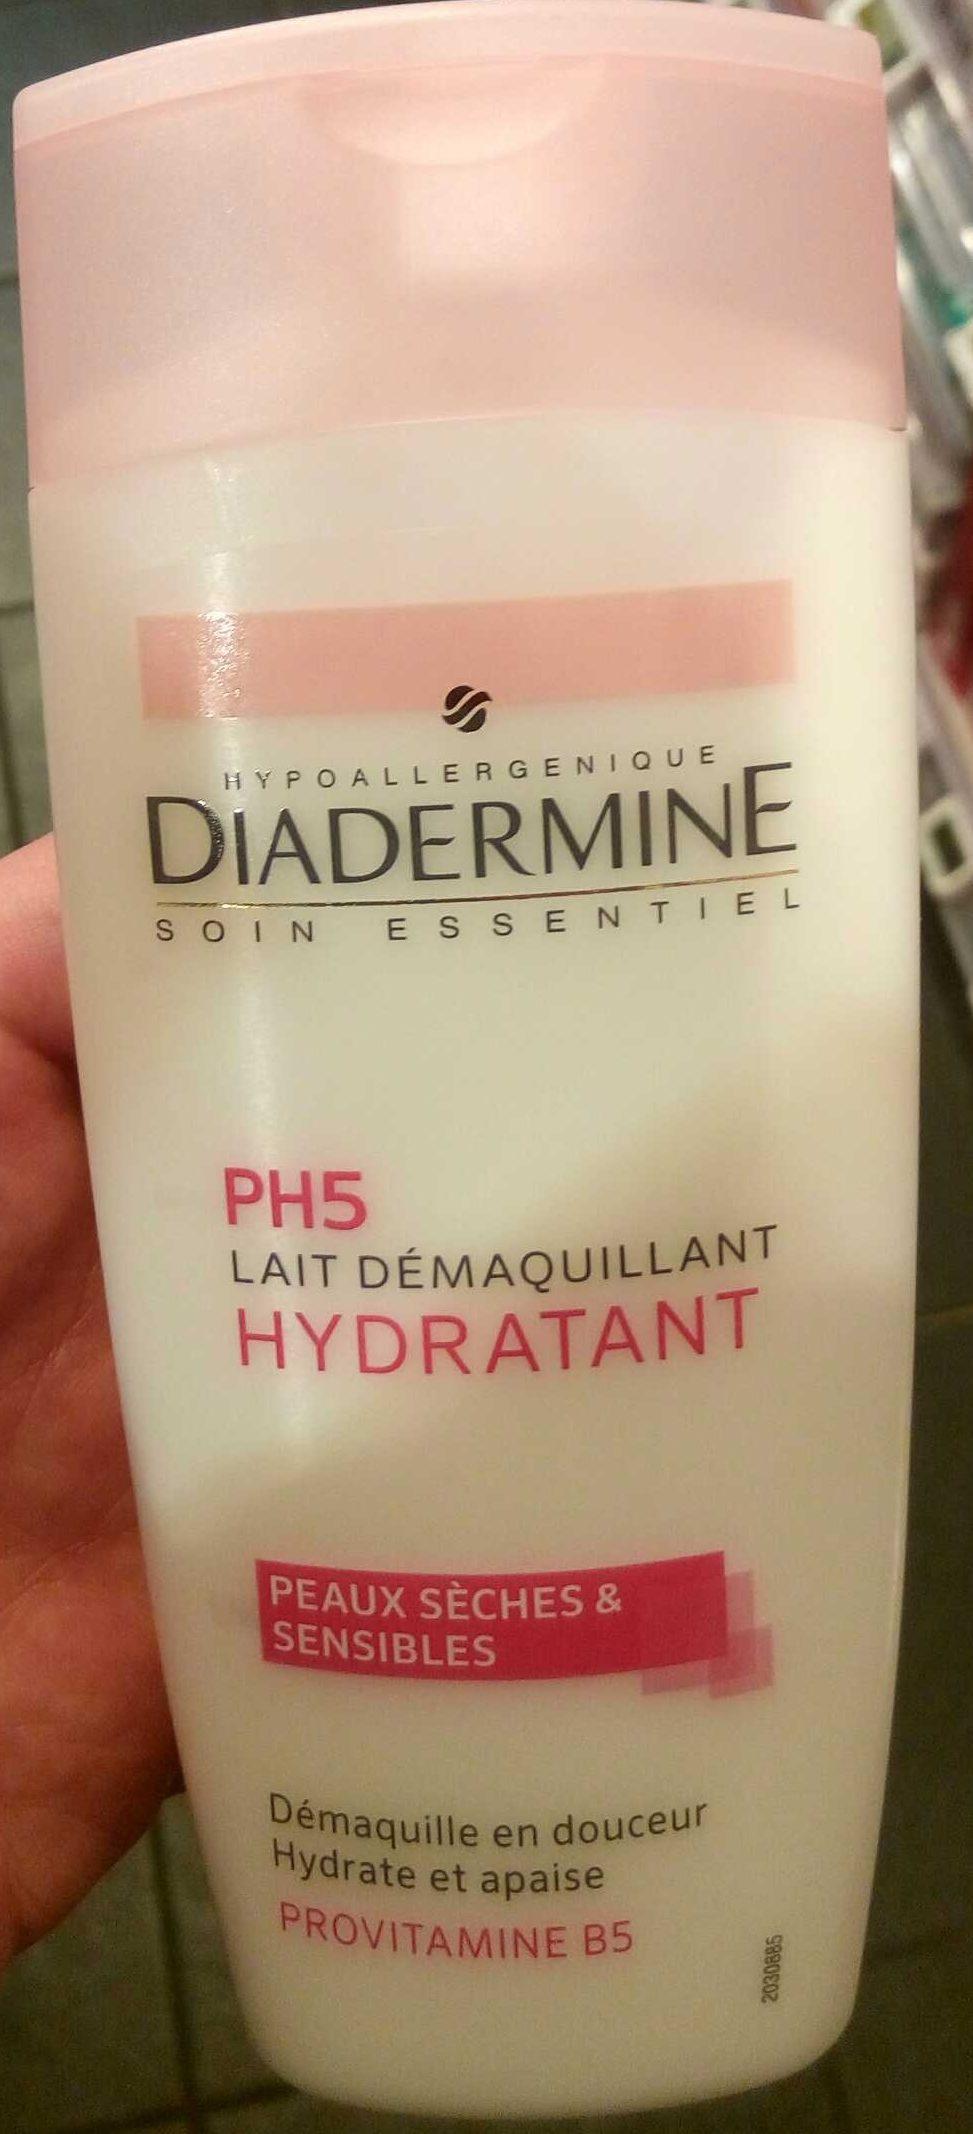 PH5 Lait démaquillant hydratant - Product - fr